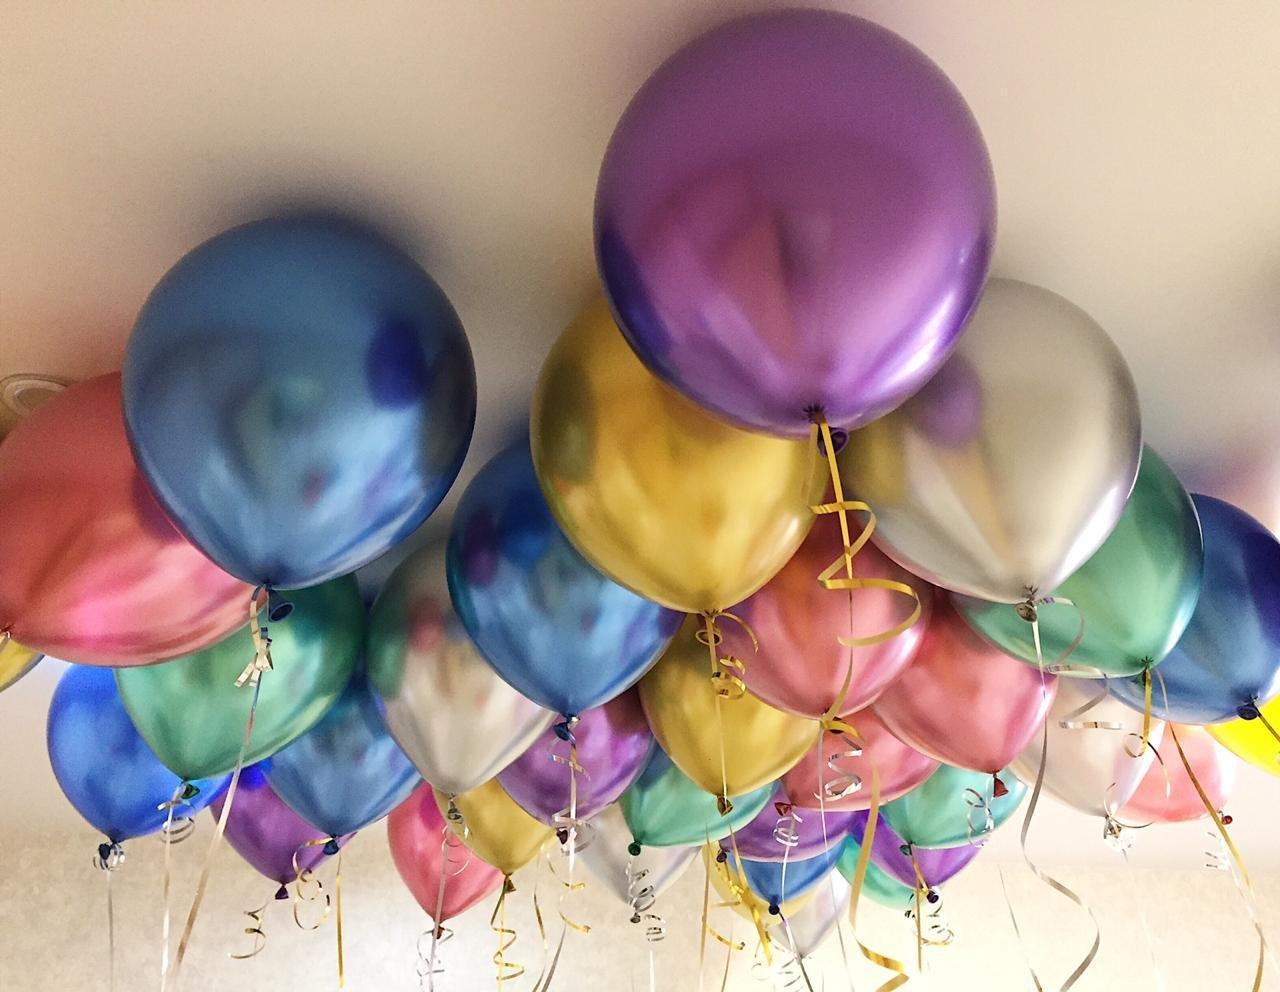 шары под потолком